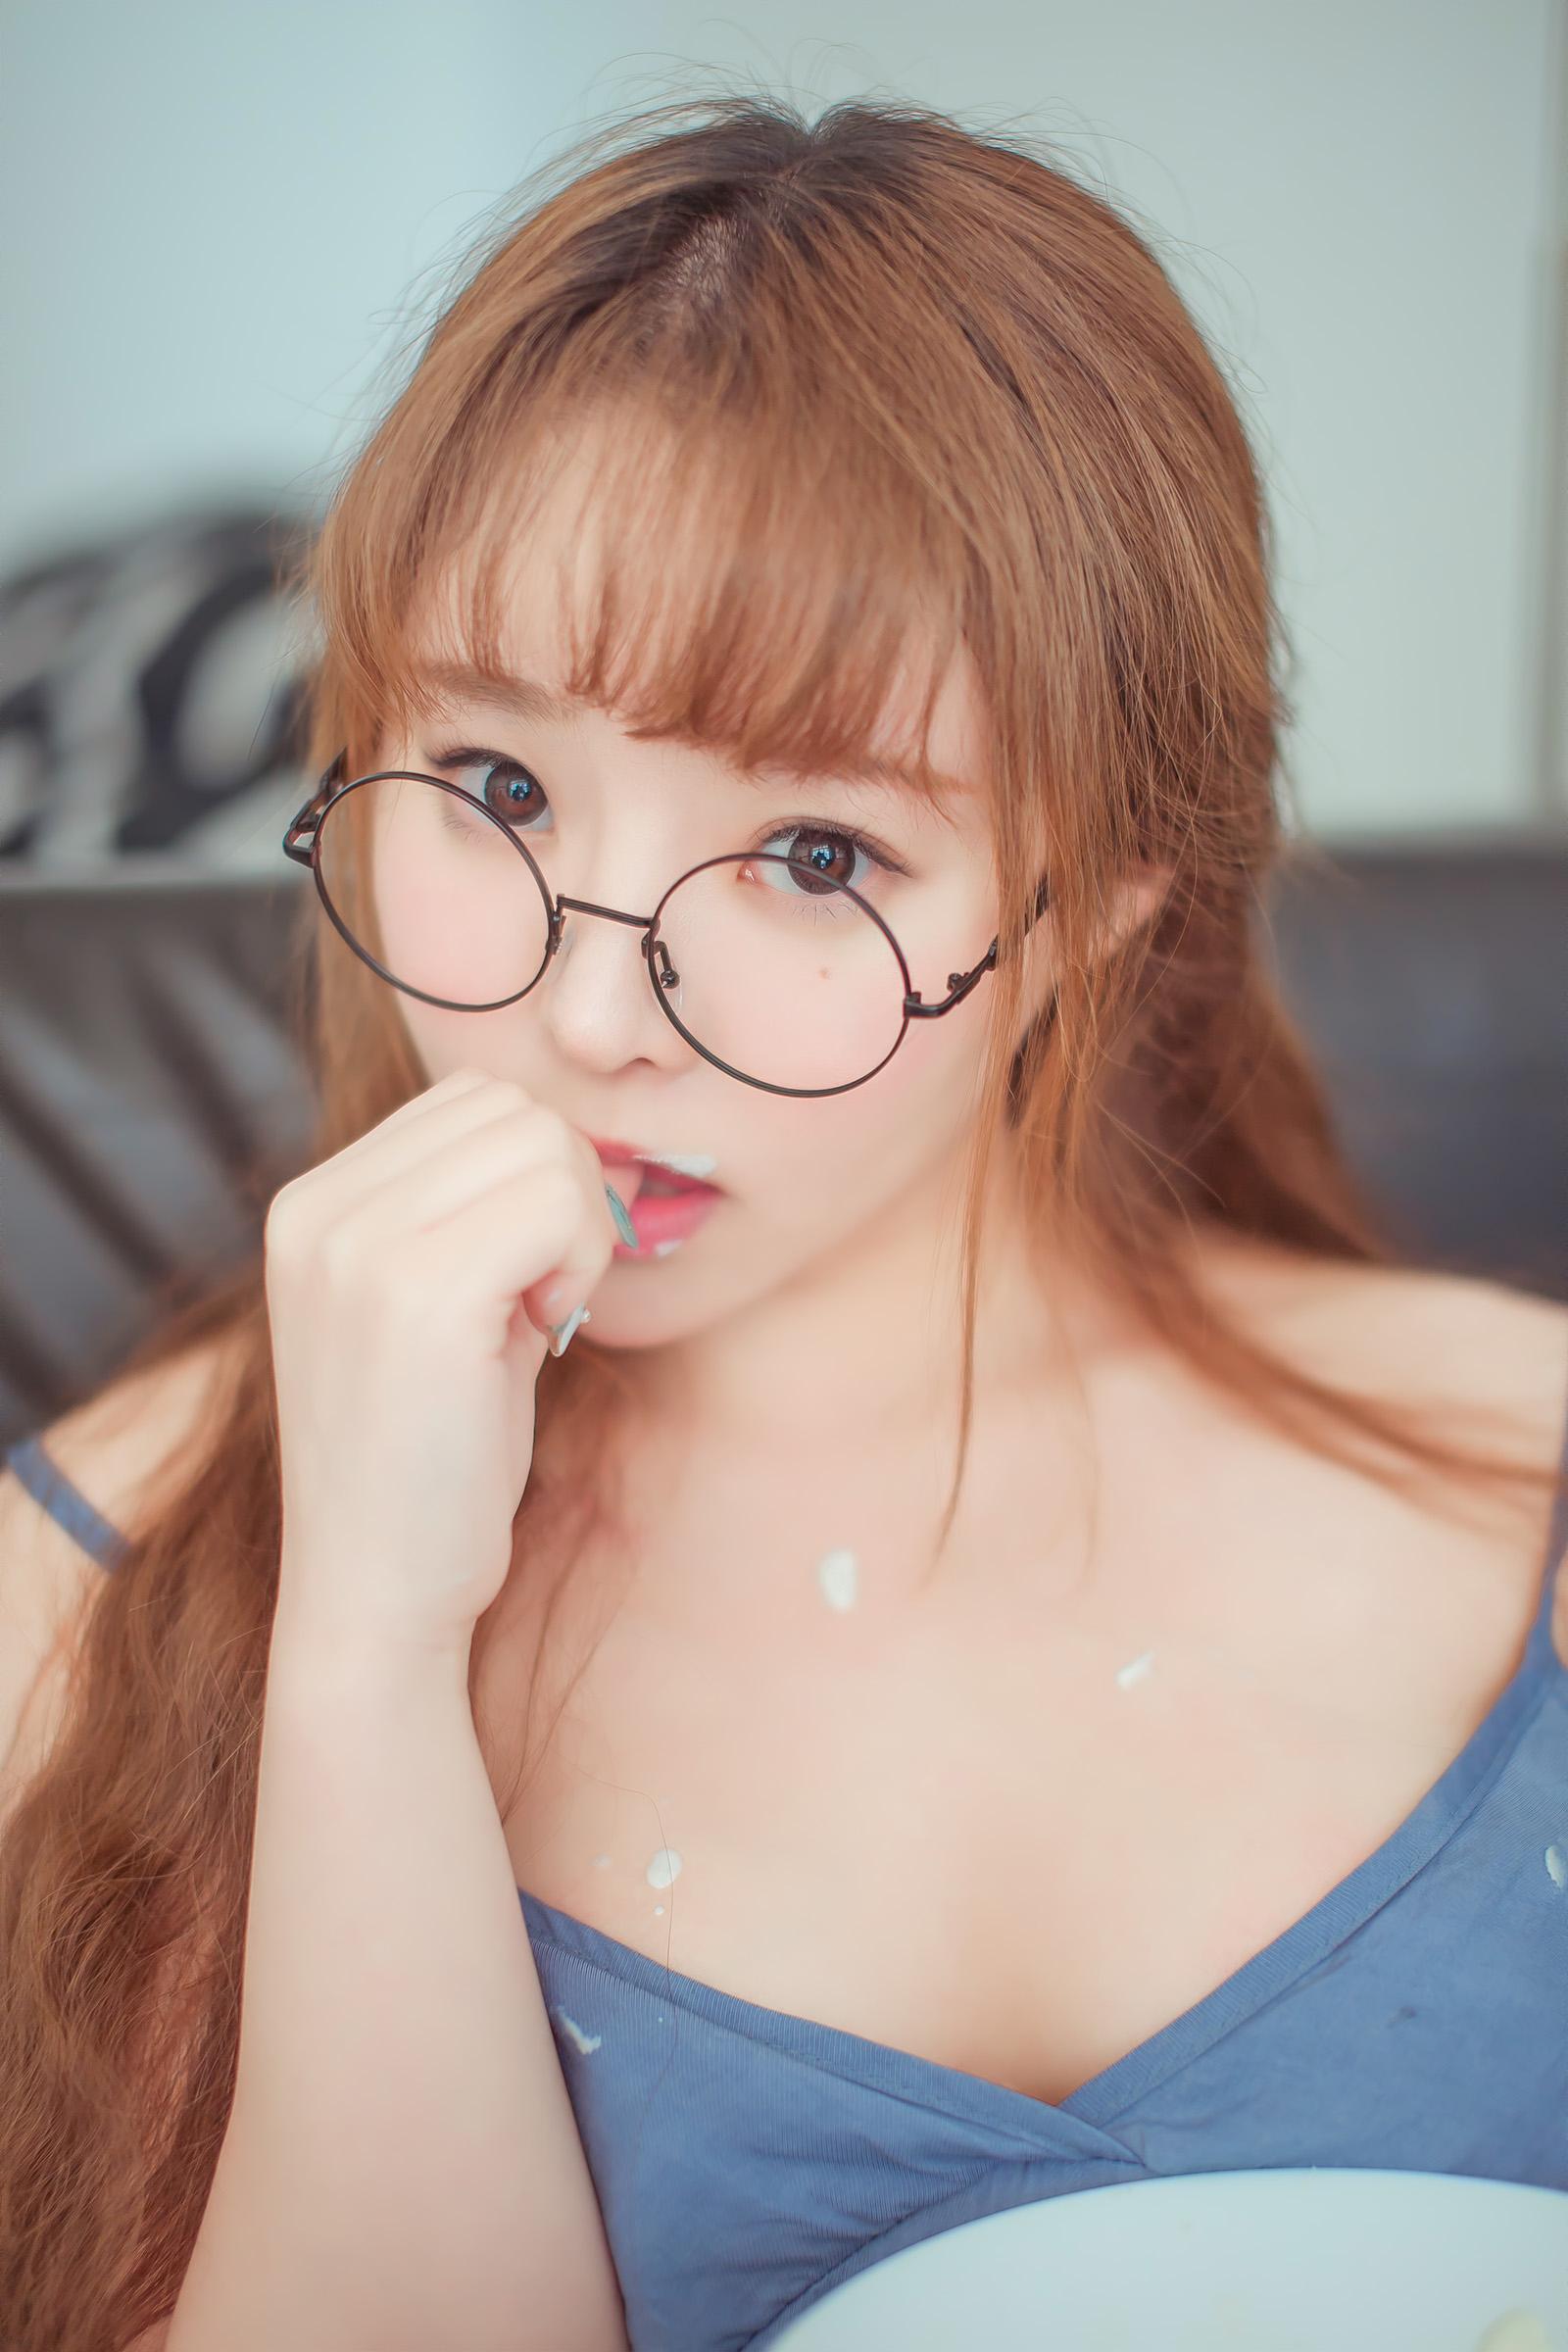 奶莓甜姿姿少女【15P】